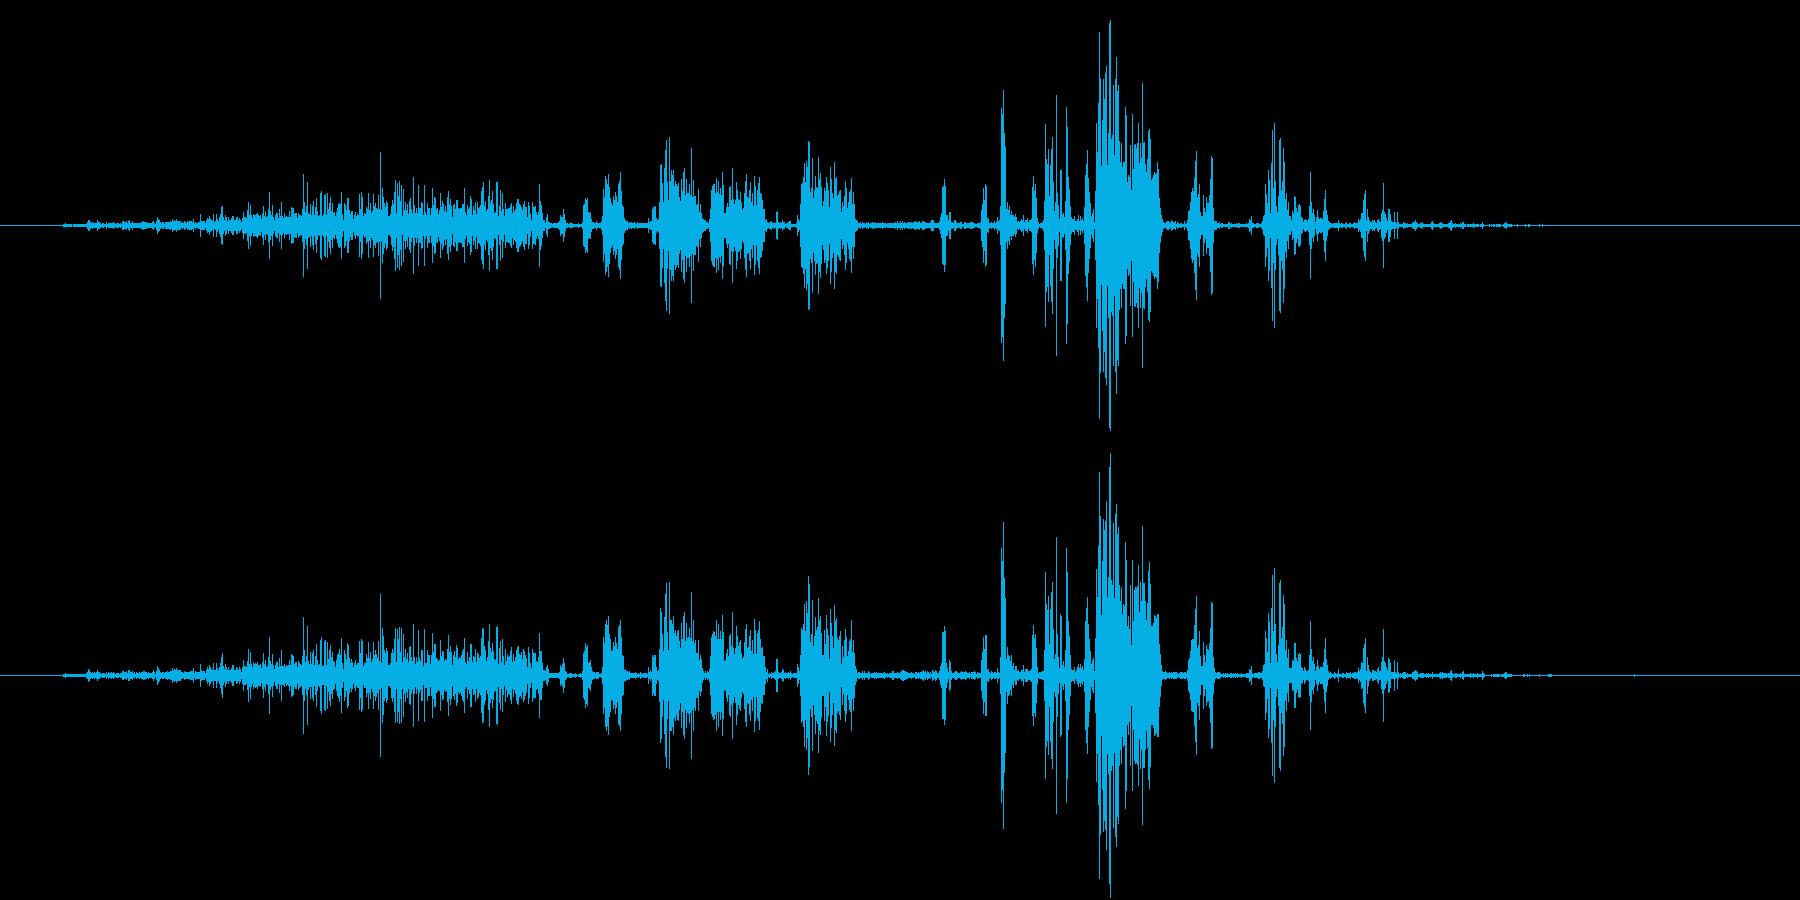 【生録音】シェービングフォームの泡の音の再生済みの波形